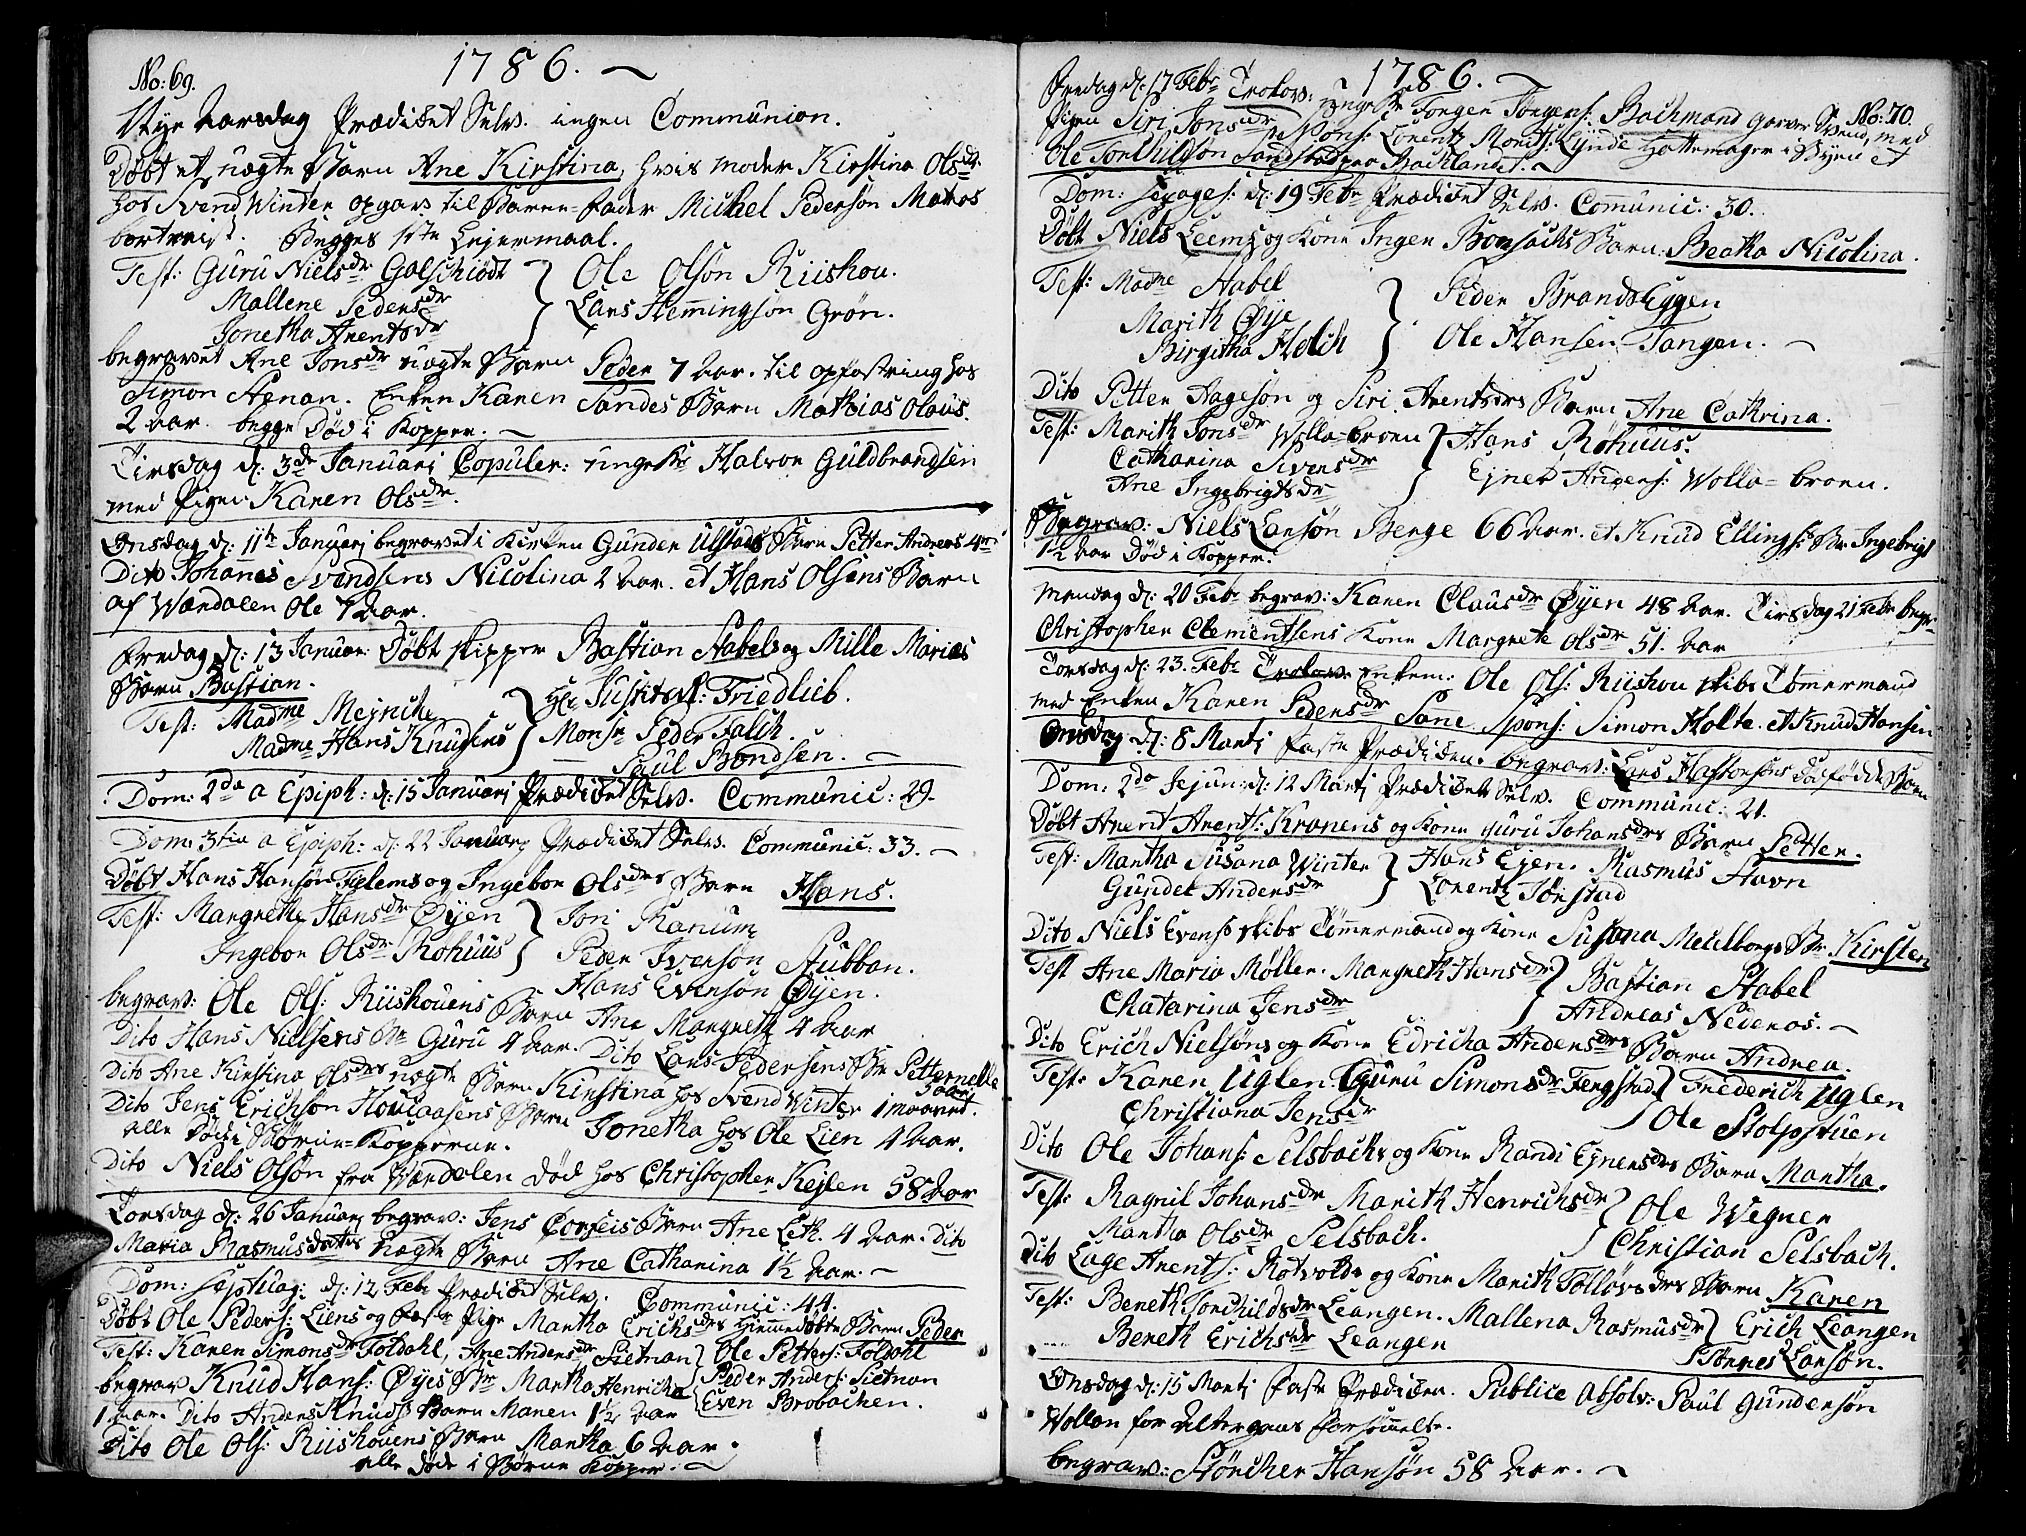 SAT, Ministerialprotokoller, klokkerbøker og fødselsregistre - Sør-Trøndelag, 604/L0180: Ministerialbok nr. 604A01, 1780-1797, s. 69-70